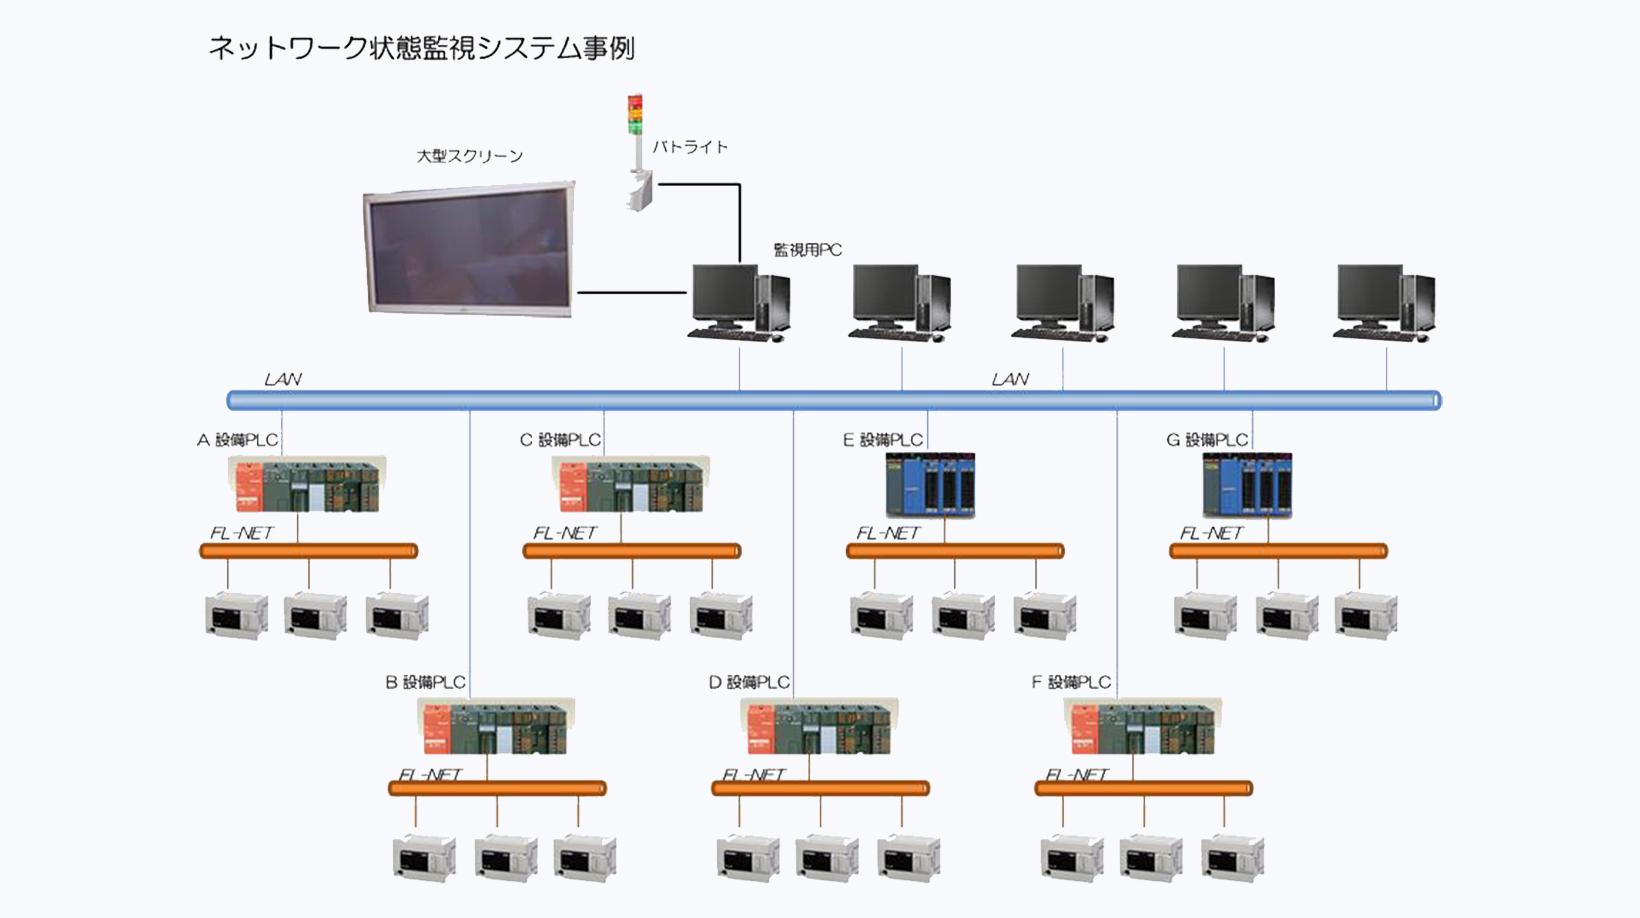 工場内ネットワーク総合監視システム